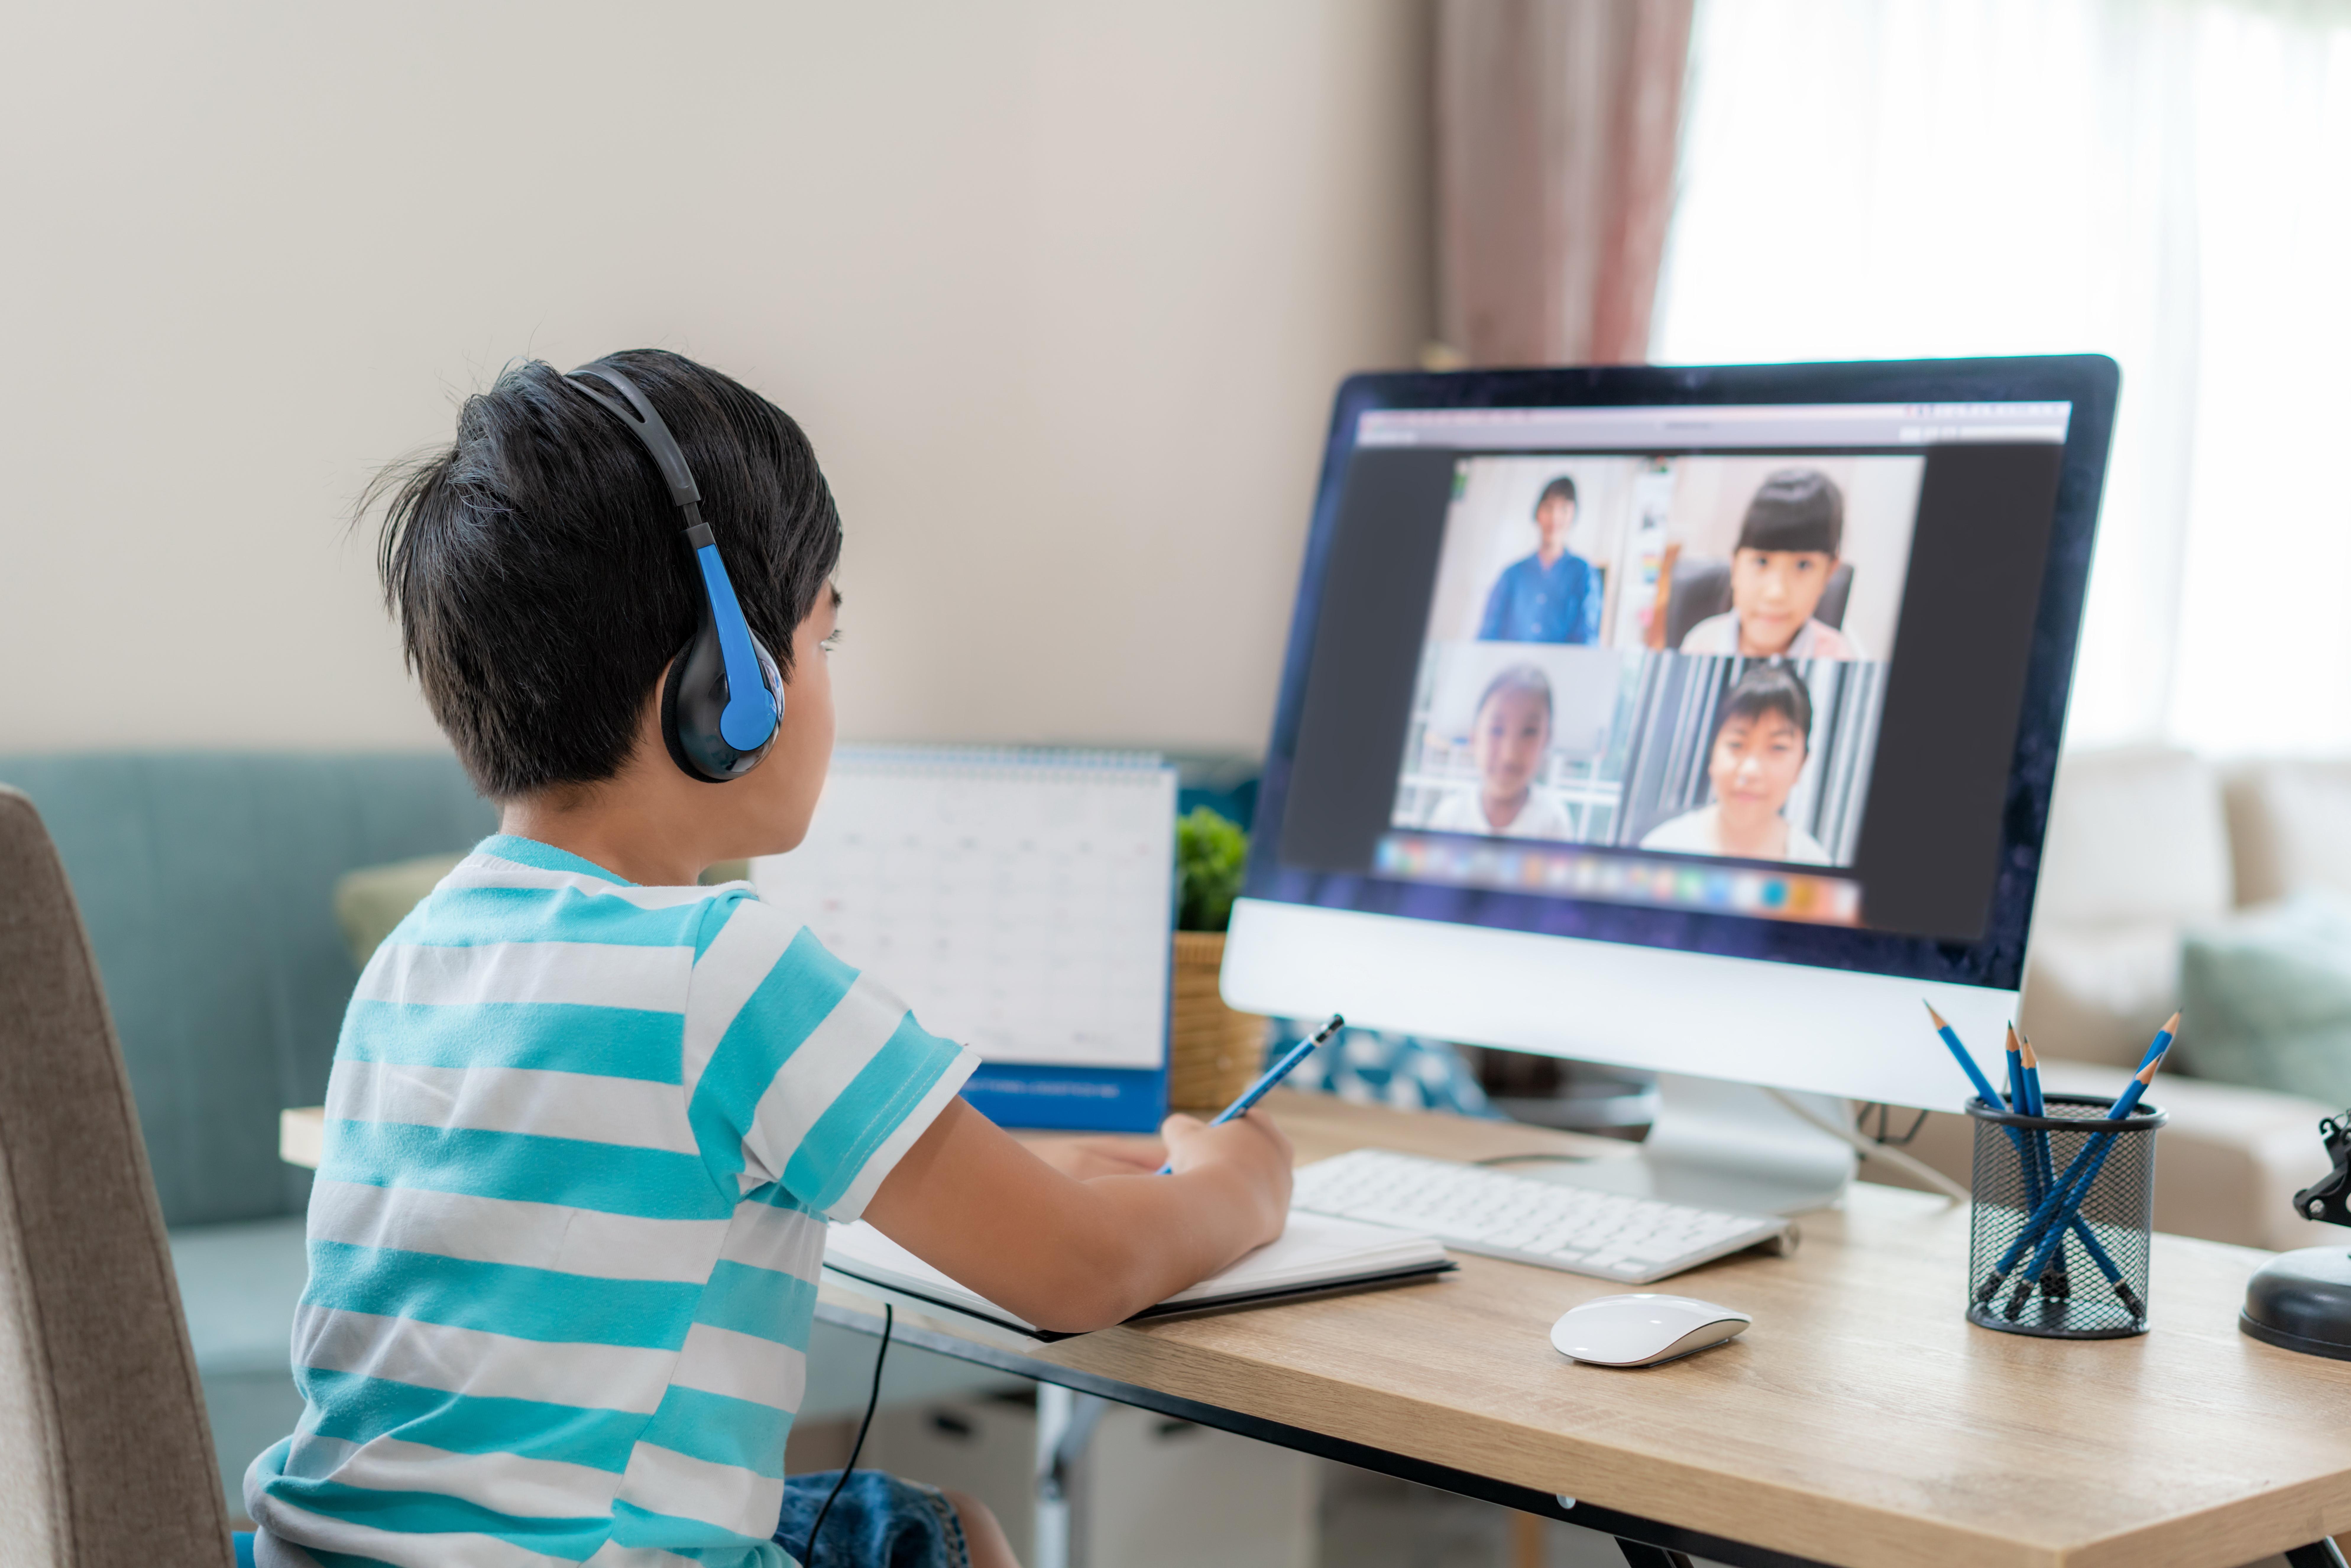 ทำอย่างไร เมื่อลูกต้องเรียนออนไลน์ thaihealth